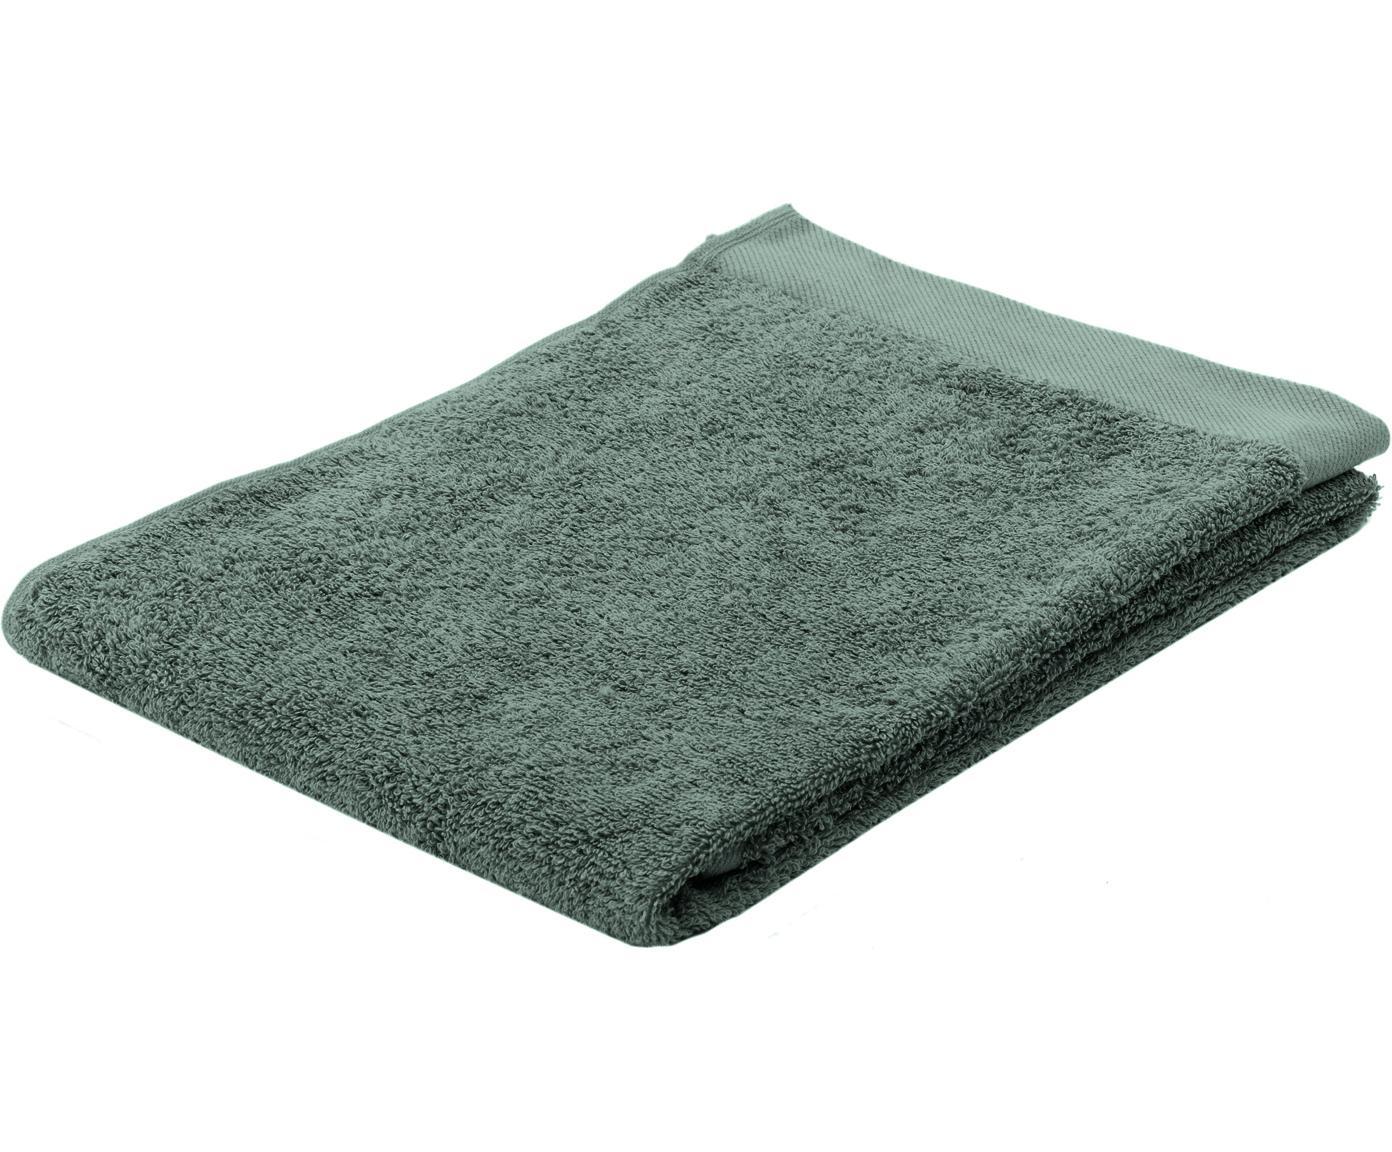 Asciugamano in cotone misto riciclato Blend, 65% cotone riciclato, 35% poliestere riciclato, Verde, Asciugamano per ospiti